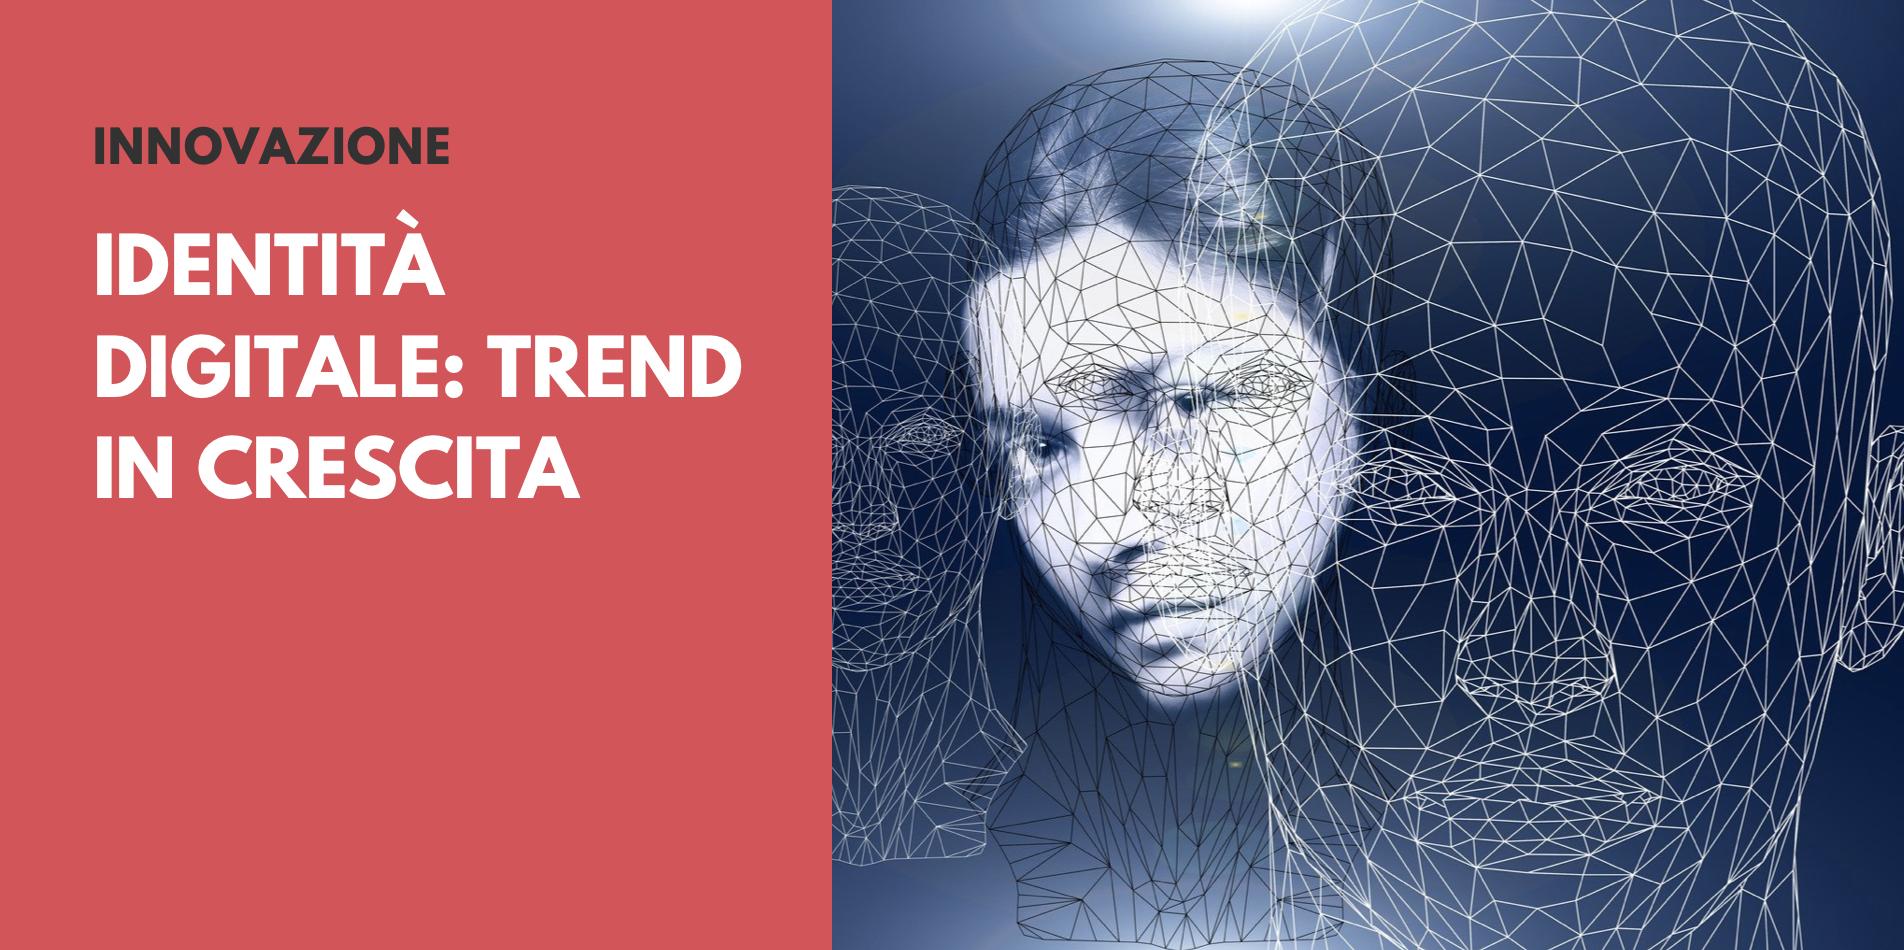 Identità Digitale Italia Trend